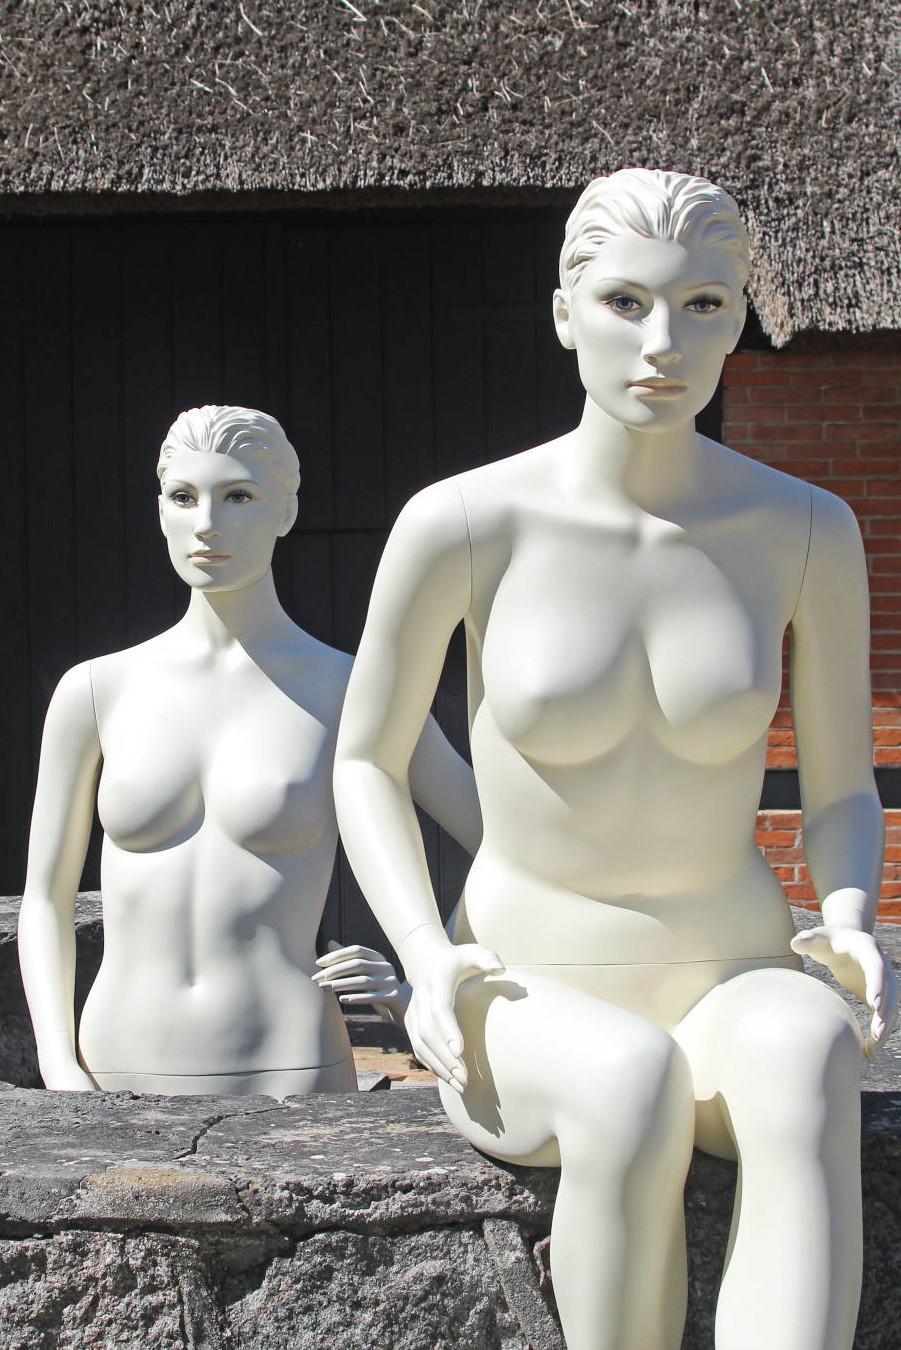 Damemannequinen fås i forskellige modeller i både stående og siddende positioner